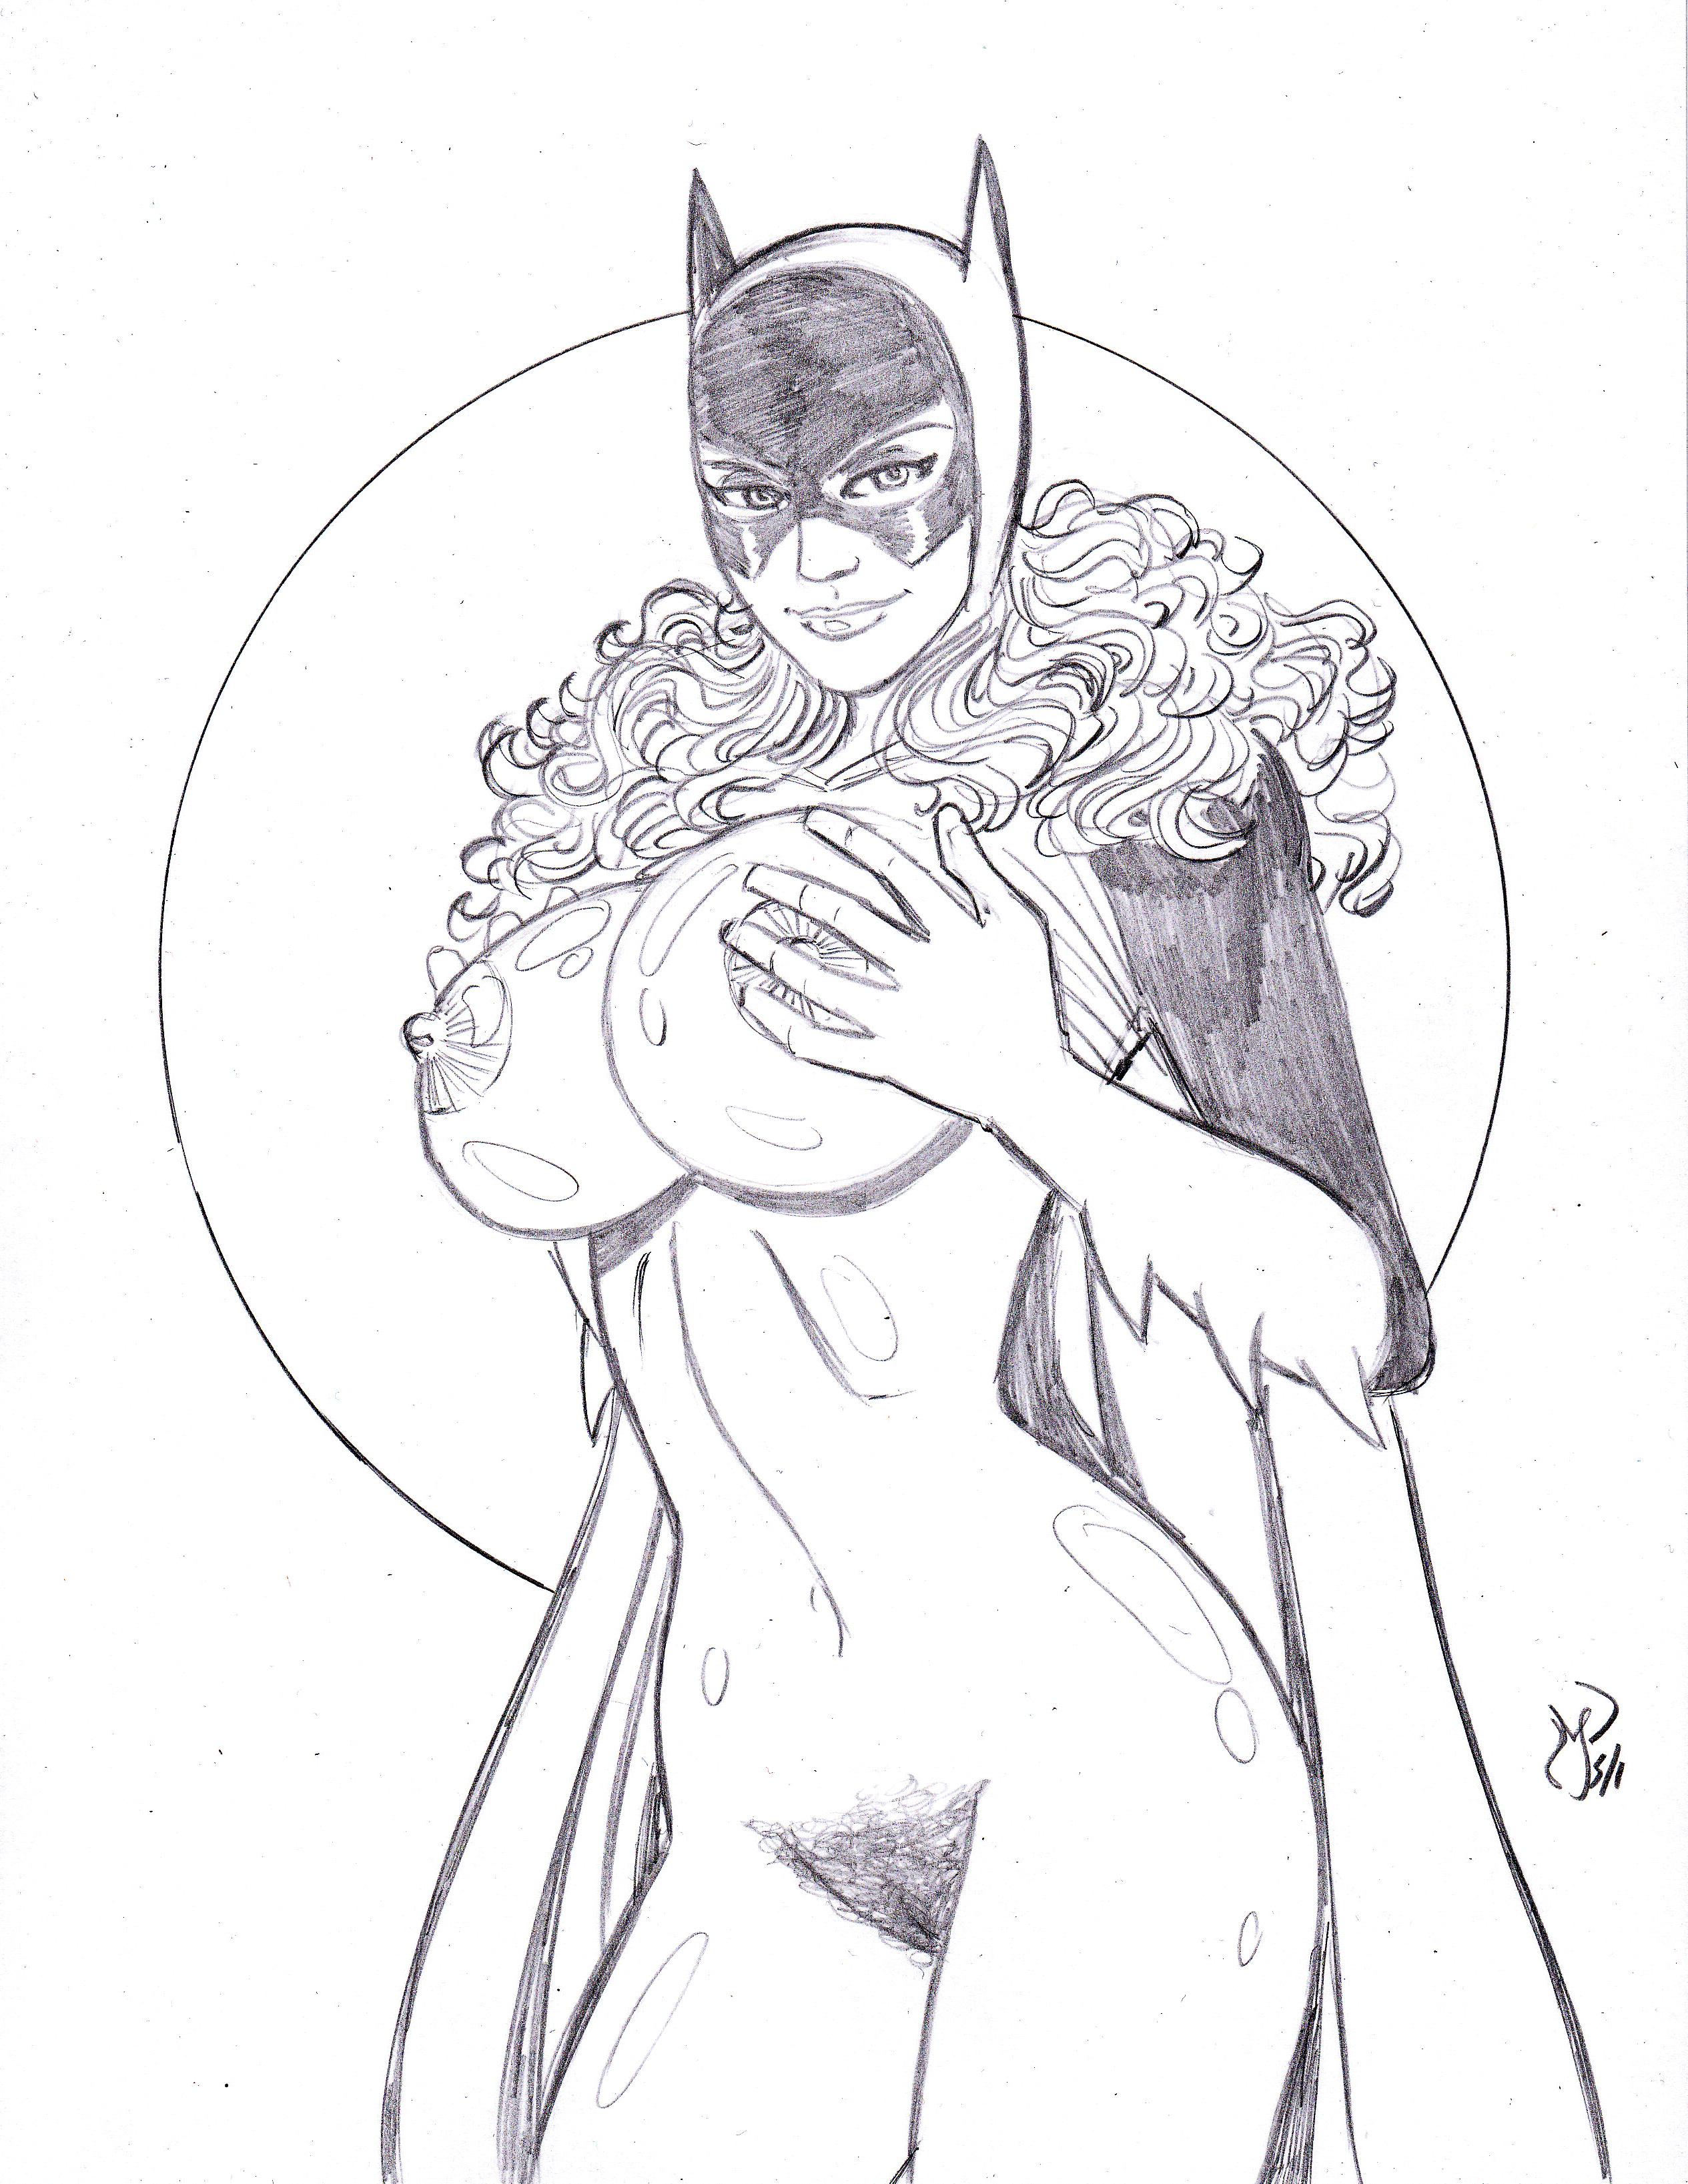 Batgirl Lesbian Adult Fanfiction